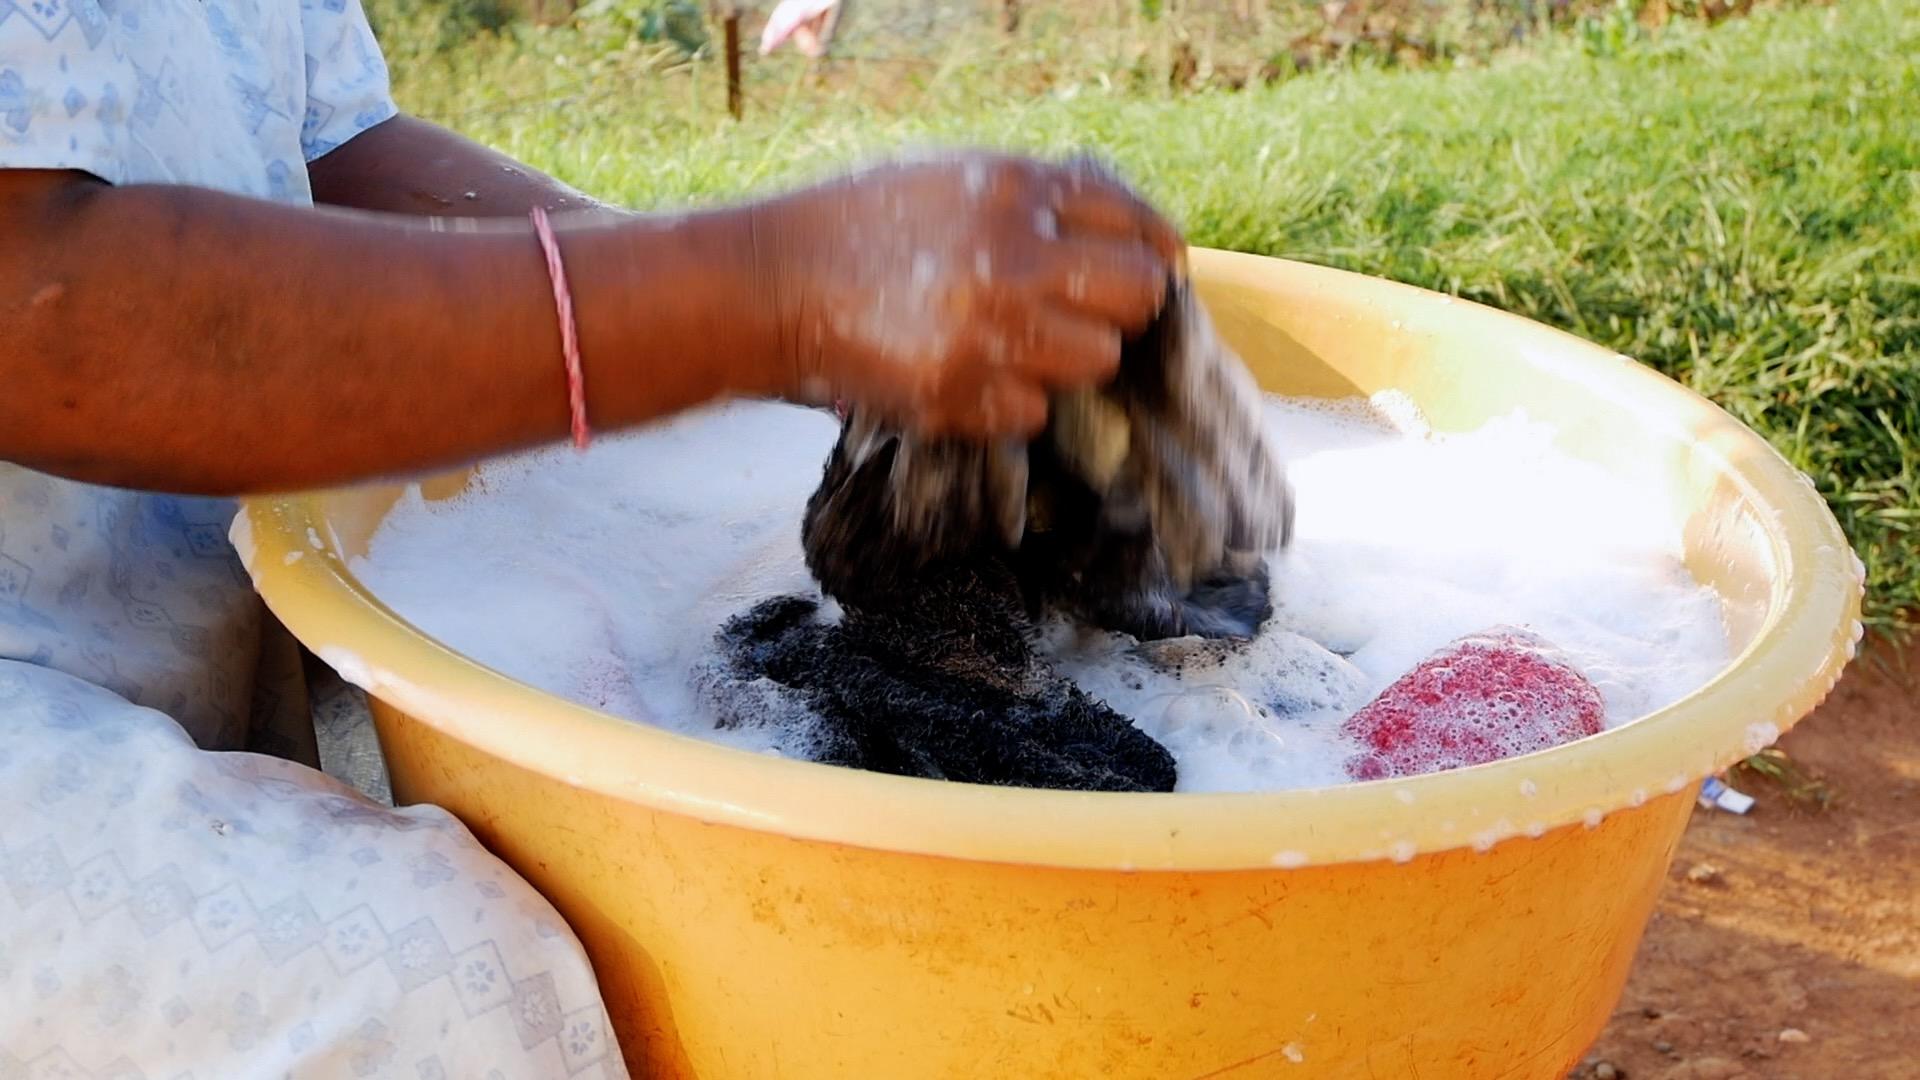 महिलाले कपडा धुँदा ३ अर्ब रुपैयाँ एकैपटक स्वाहा पारेपछि…